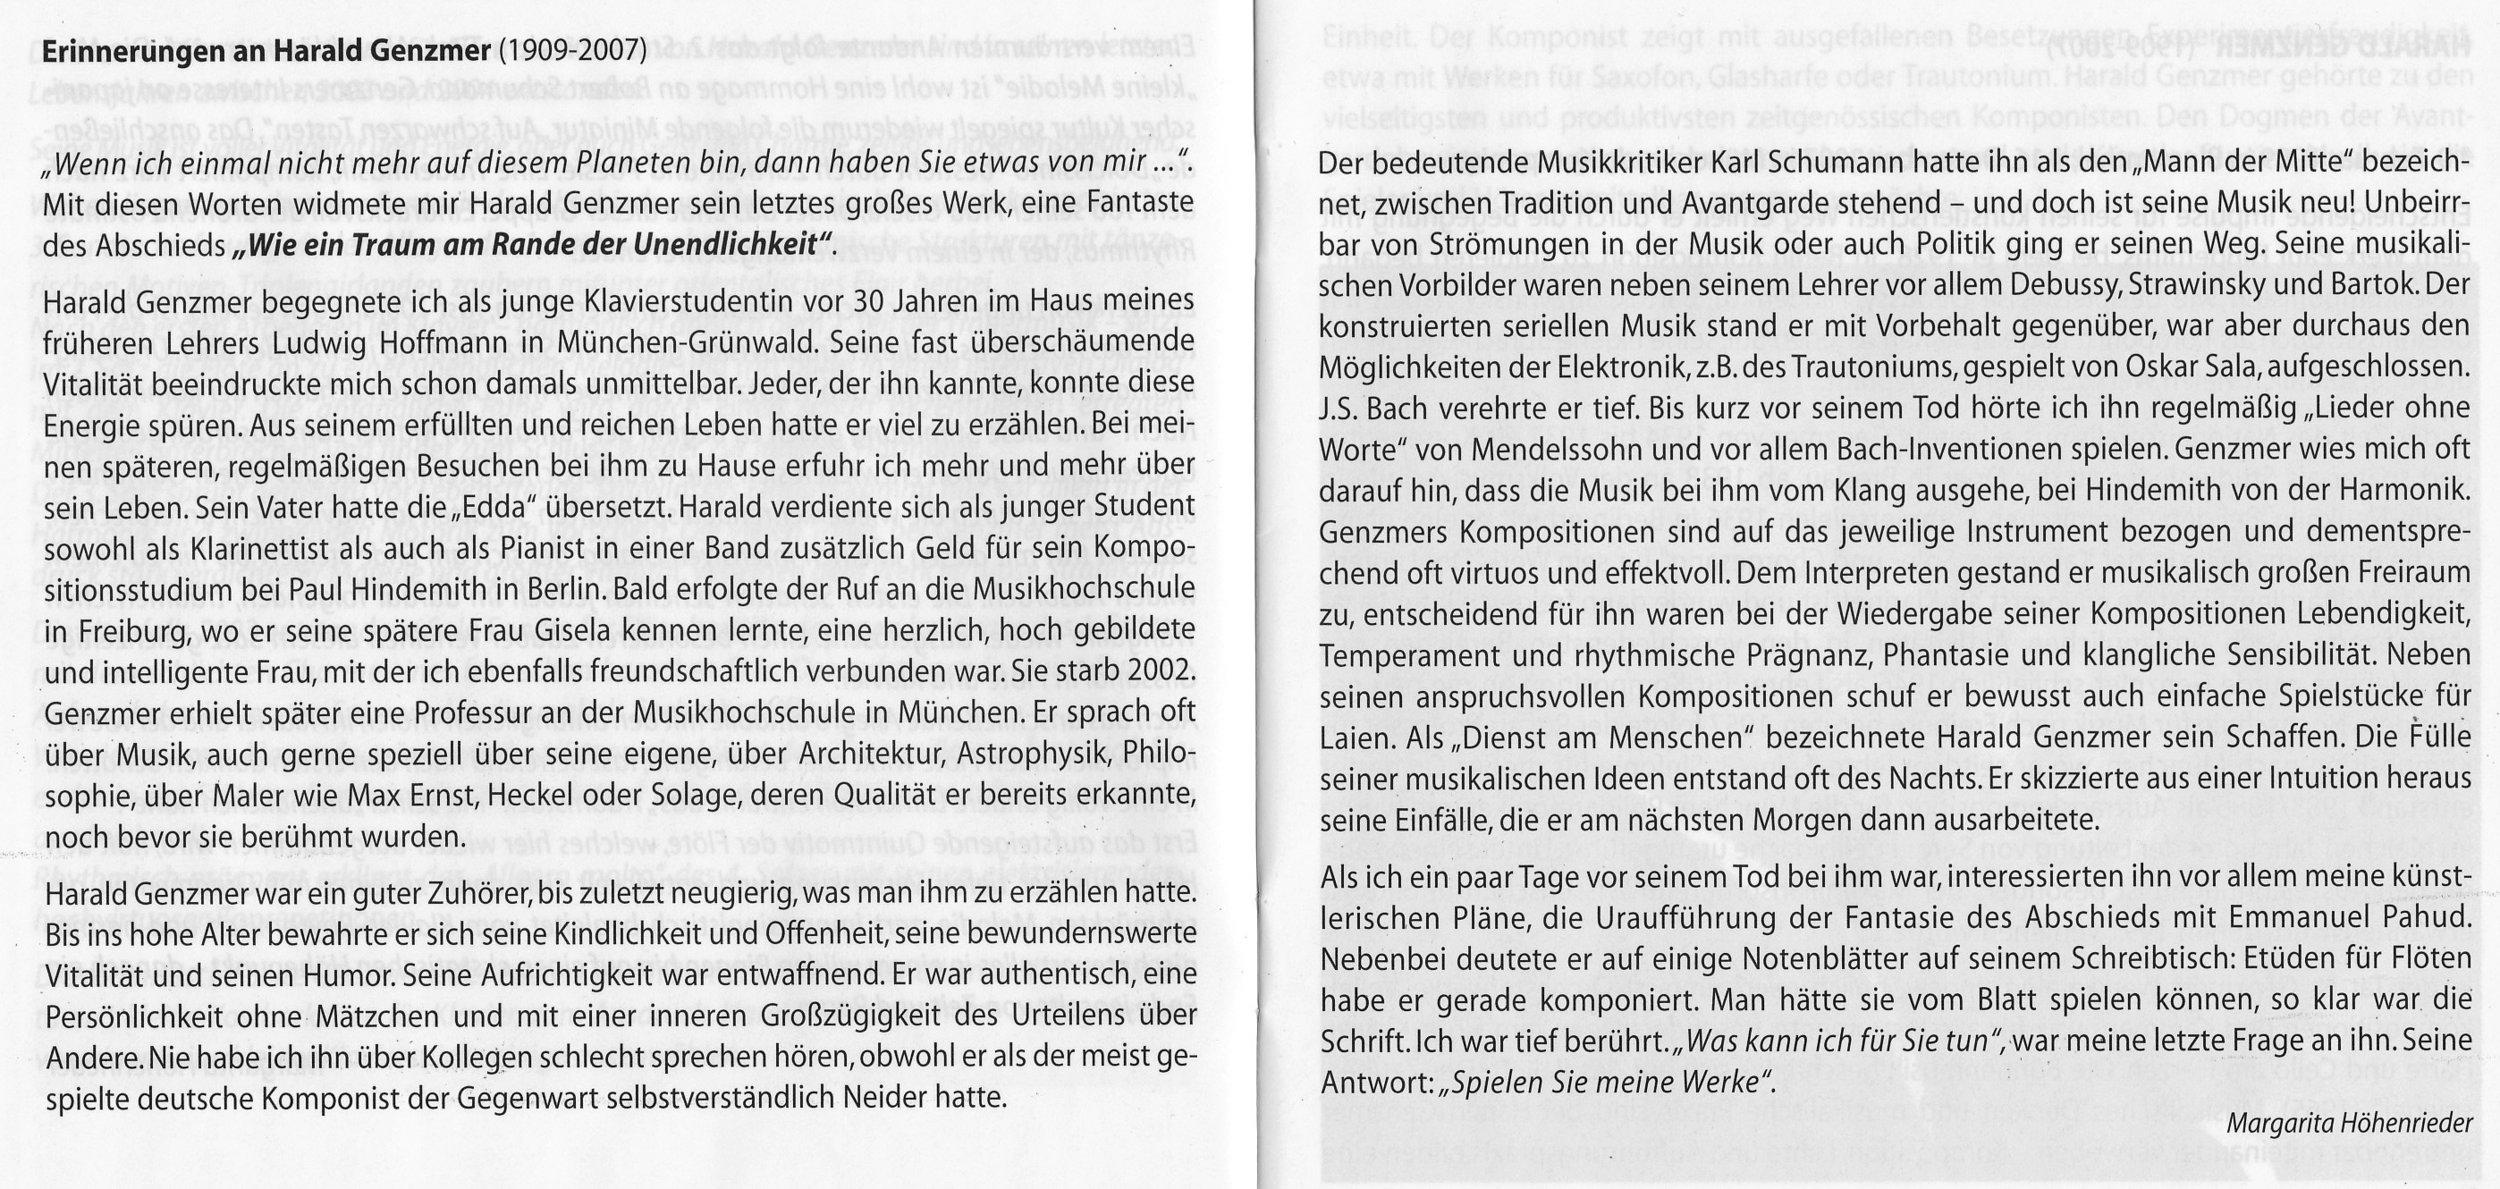 Einnerungen an Harald Genzmer, 2011